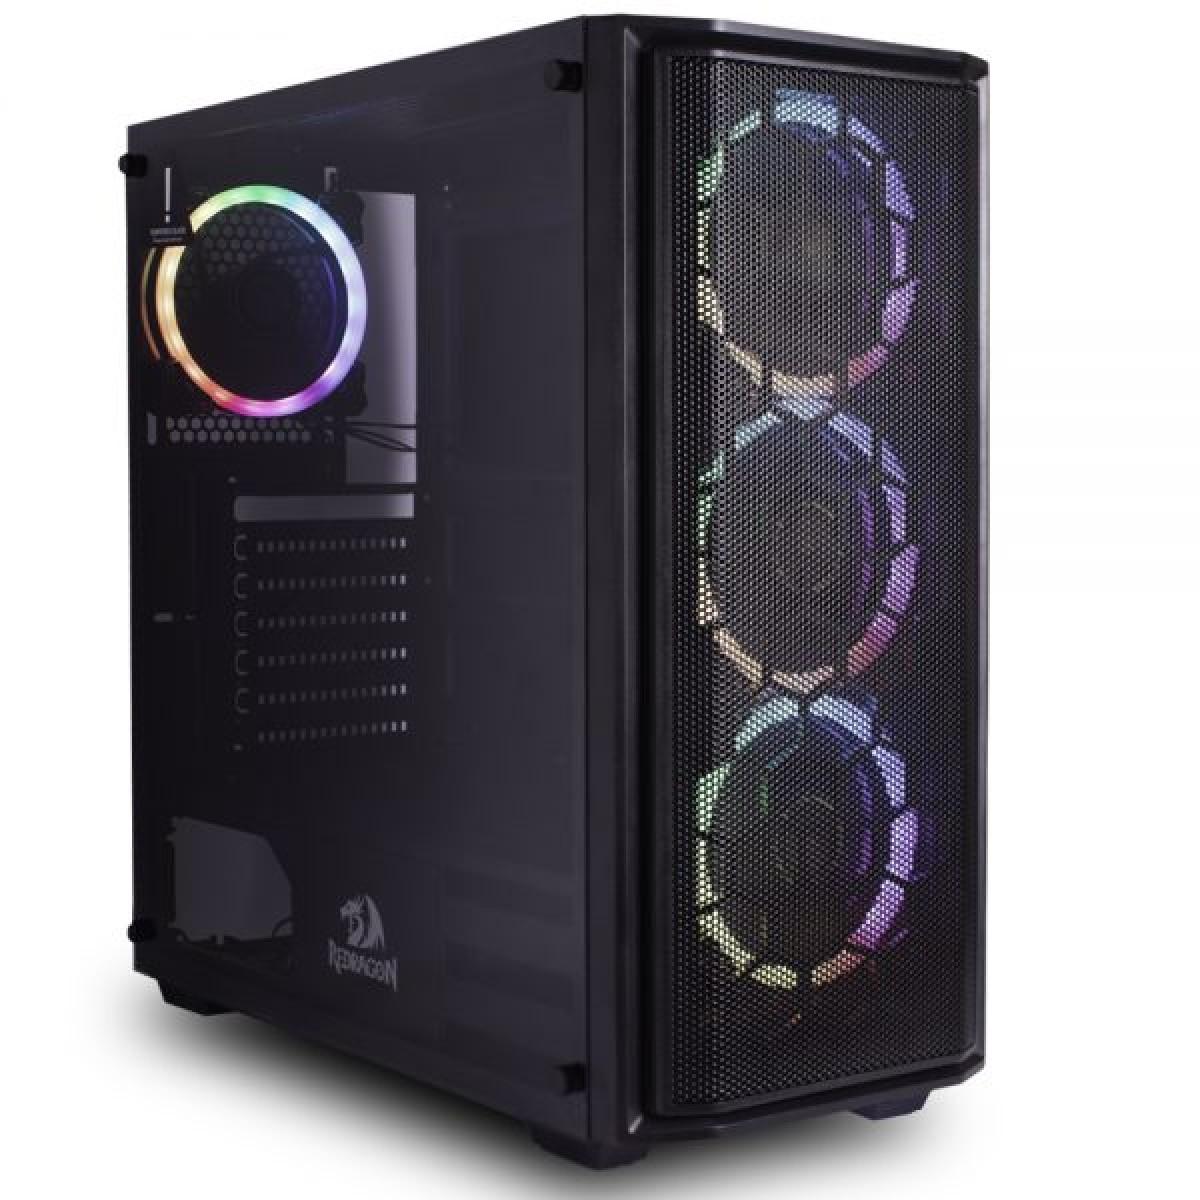 PC Gamer T-Power Captain Lvl-3 Intel I7 9700KF 3.60GHz / Radeon RX 5700 XT 8GB / 16GB DDR4 / HD 1TB / 600W